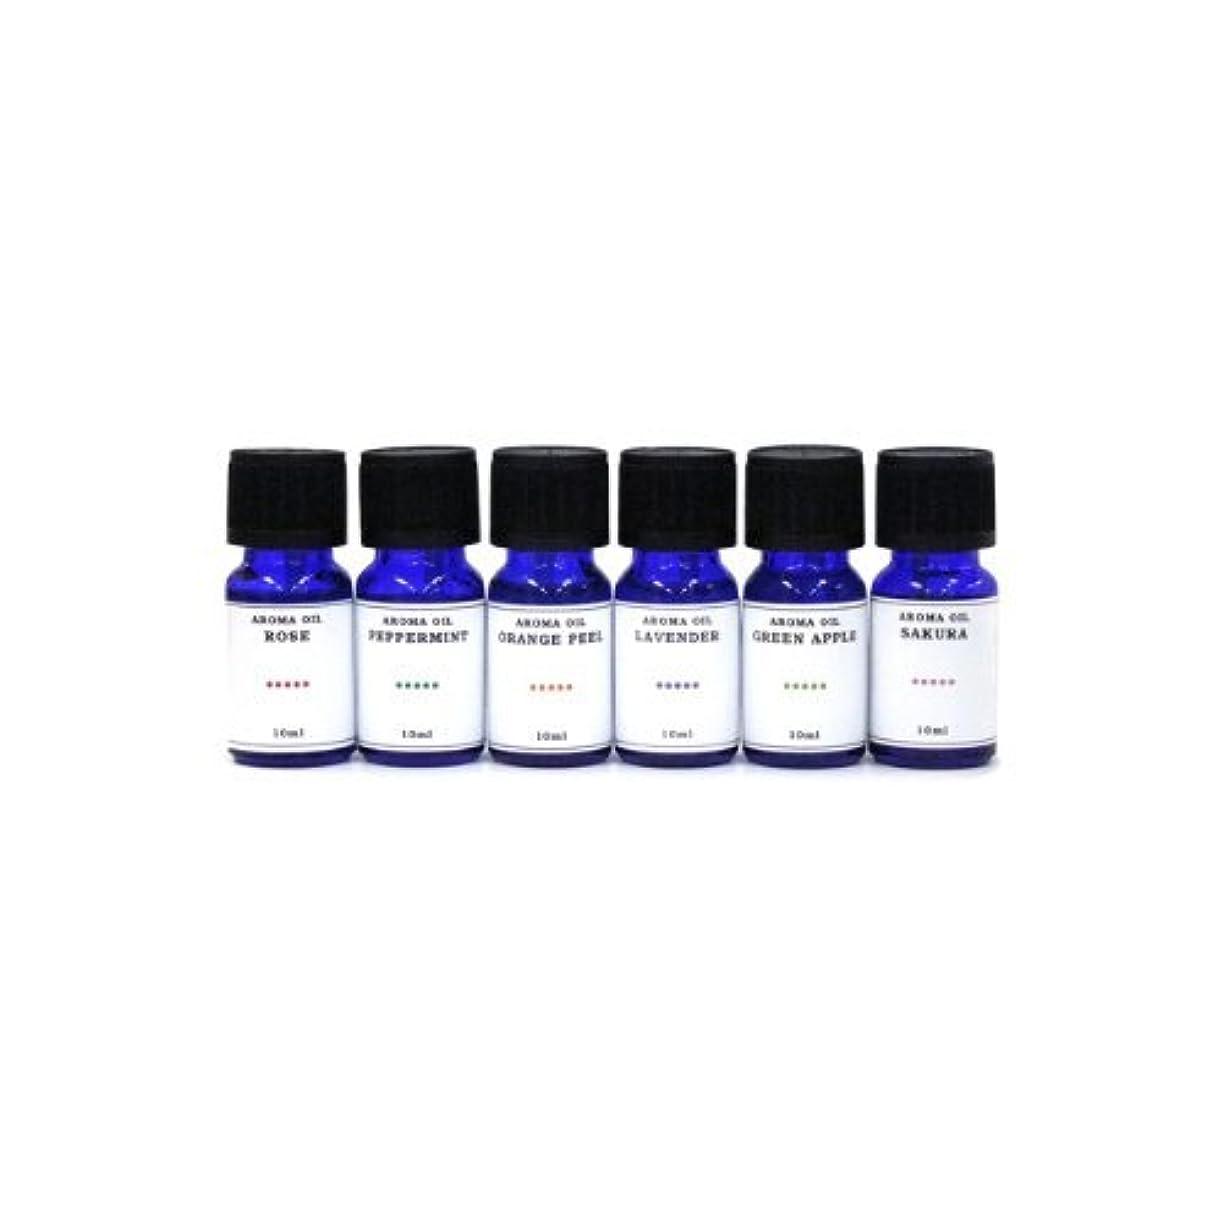 許可乳白色事前水溶性アロマオイル 6種の香りセット ラベンダー/ペパーミント/オレンジピール/サクラ/グリーンアップル/ローズ